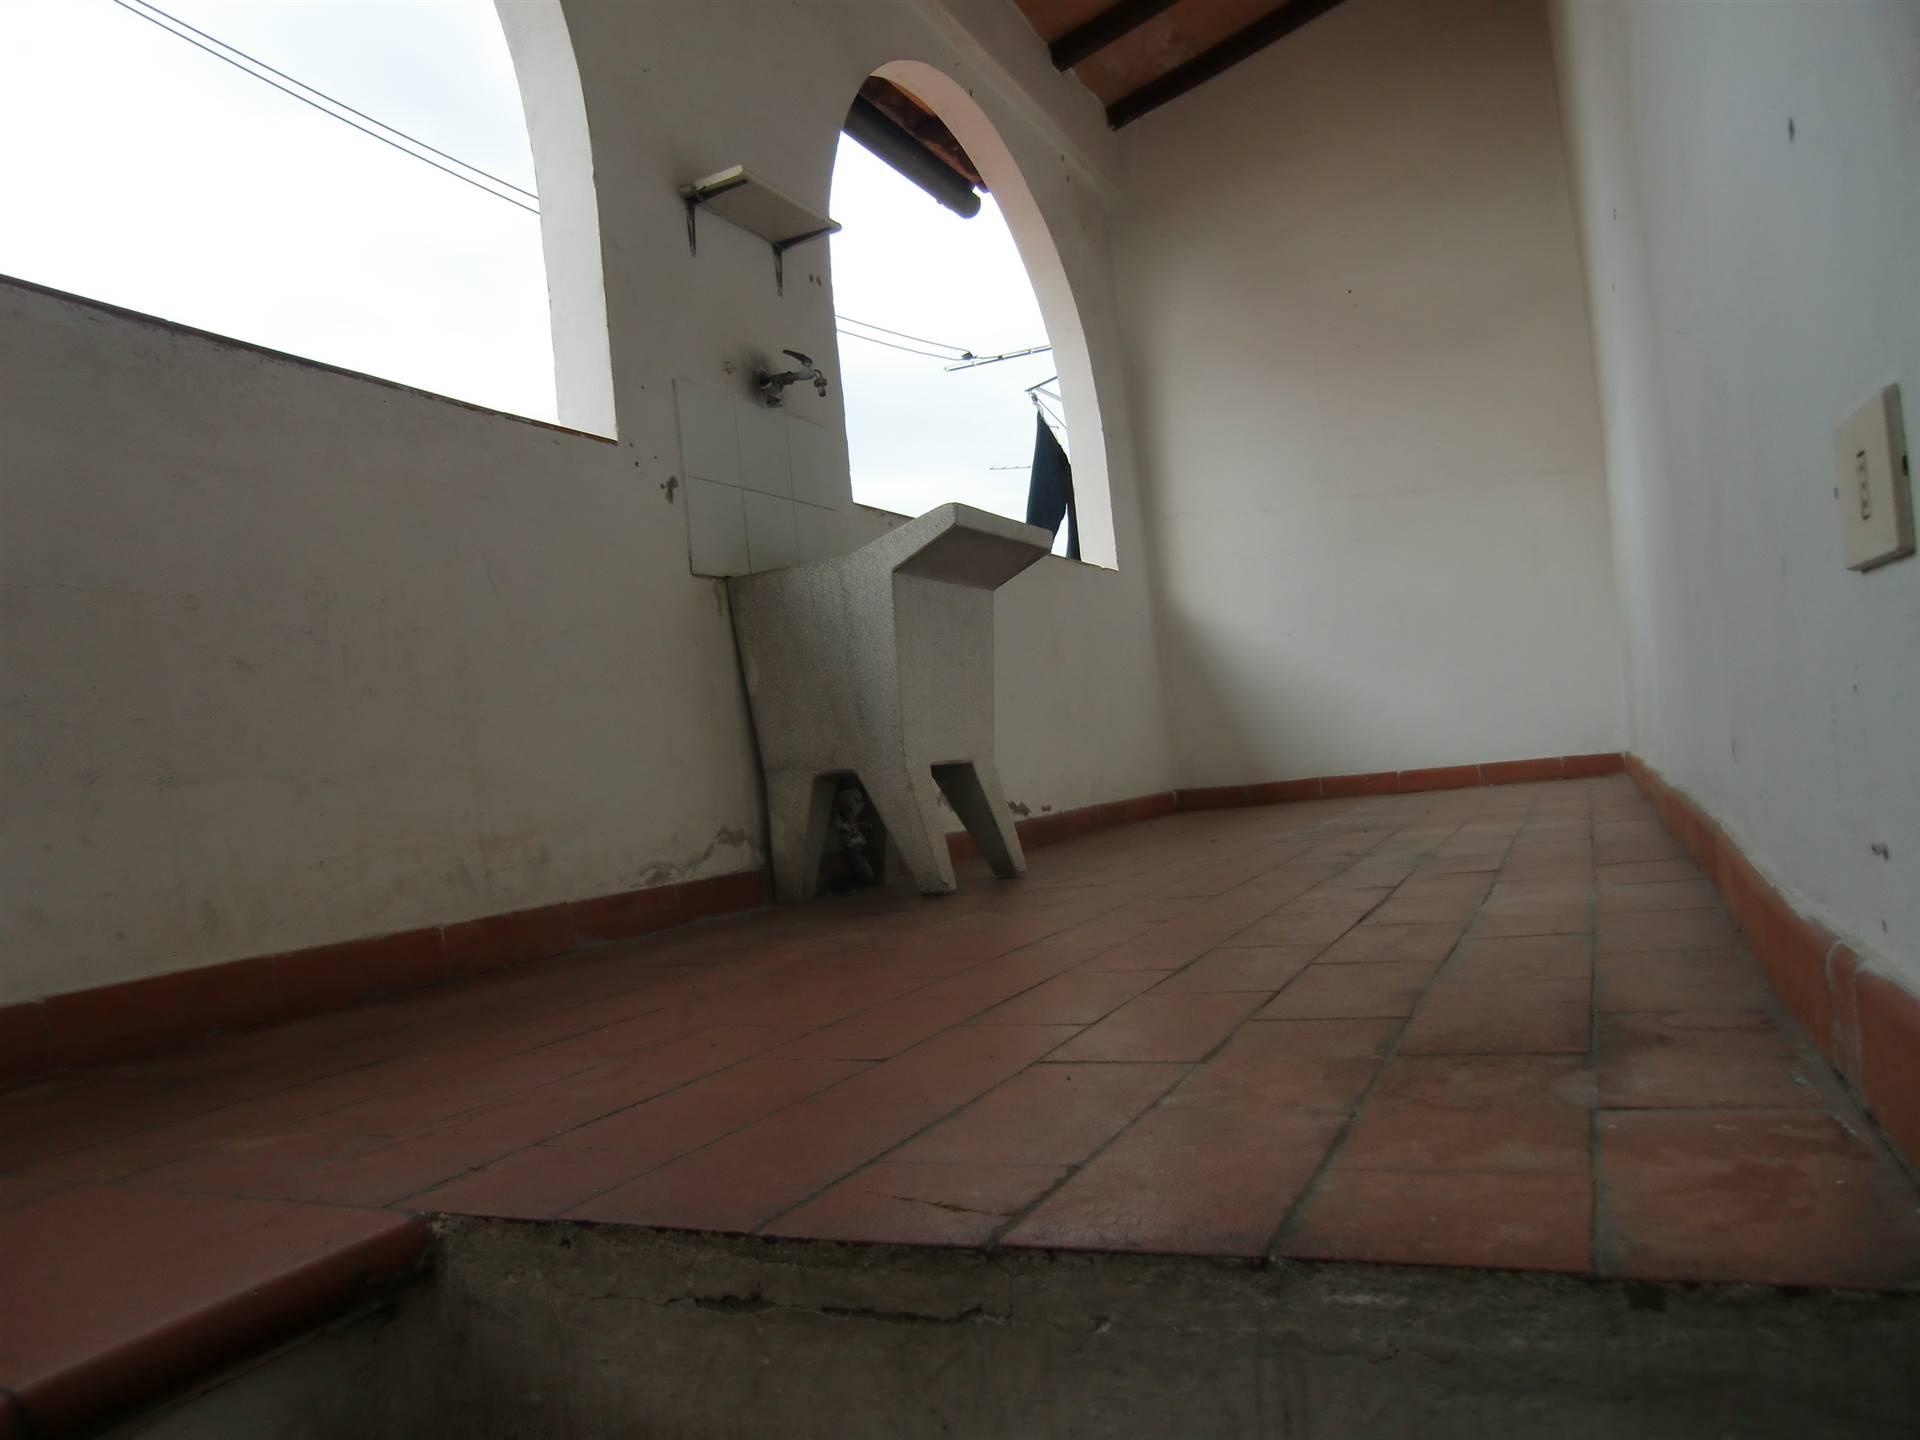 Appartamento in vendita a San Giovanni Valdarno, 4 locali, zona ro, prezzo € 80.000 | PortaleAgenzieImmobiliari.it